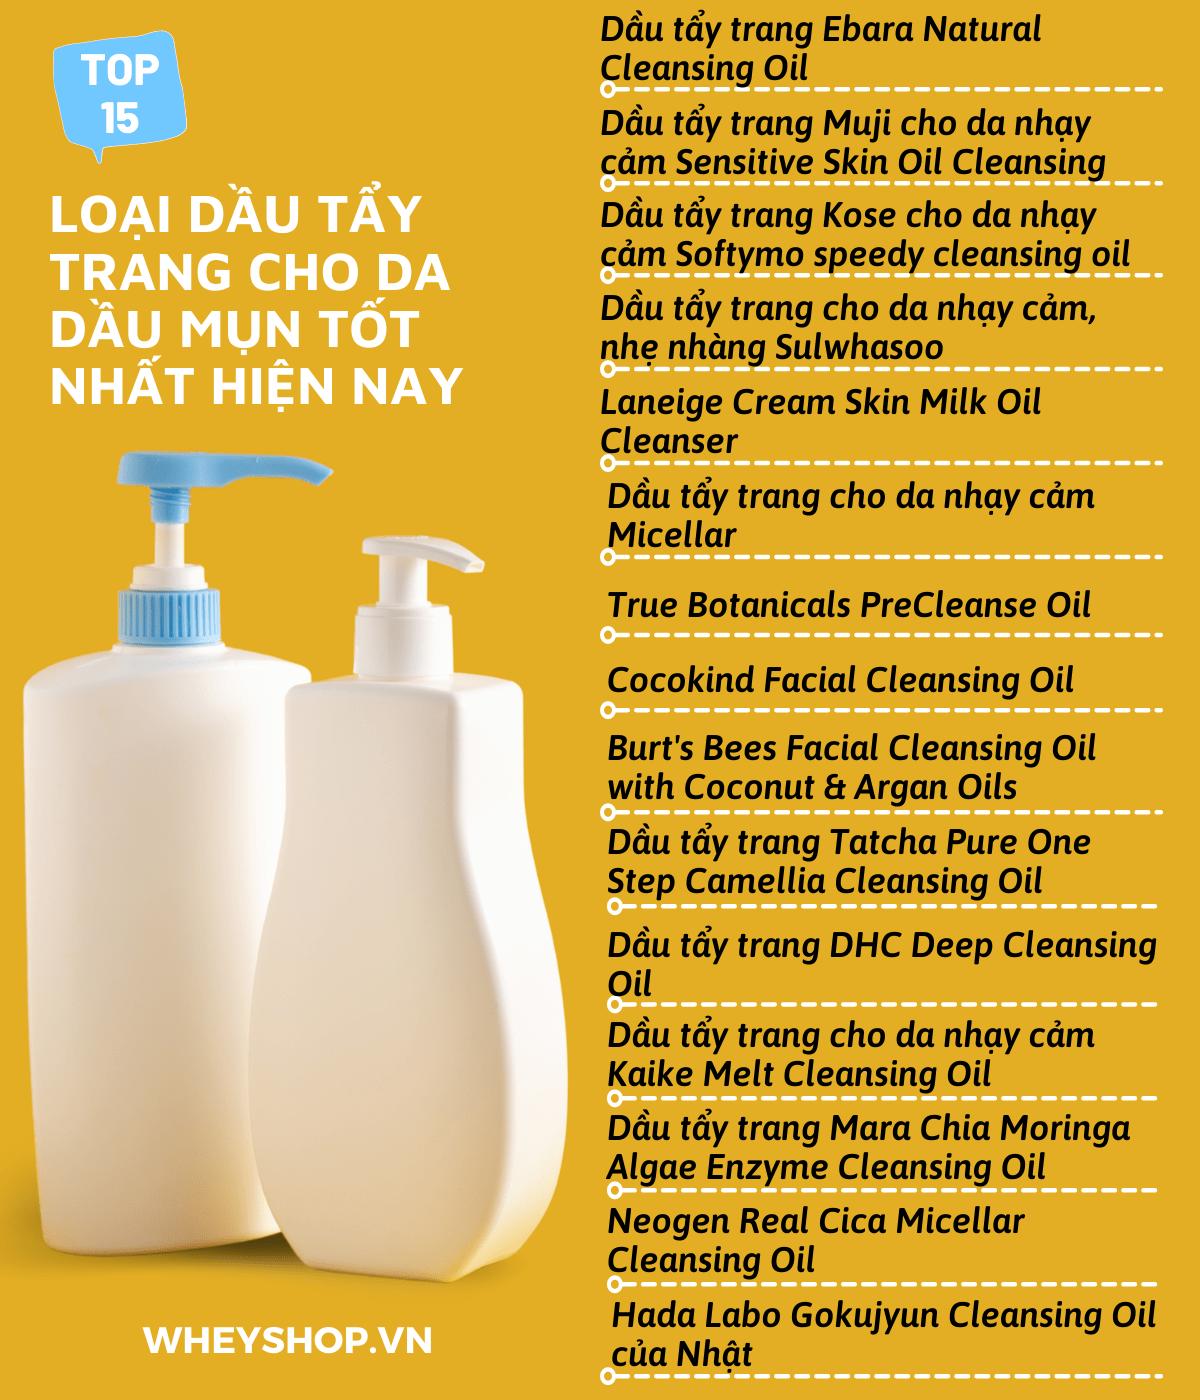 Nếu bạn đang băn khoăn chưa biết lựa chọn loại dầu tẩy trang cho da dầu nào tốt nhất thì hãy cùng WheyShop tham khảo chi tiết...